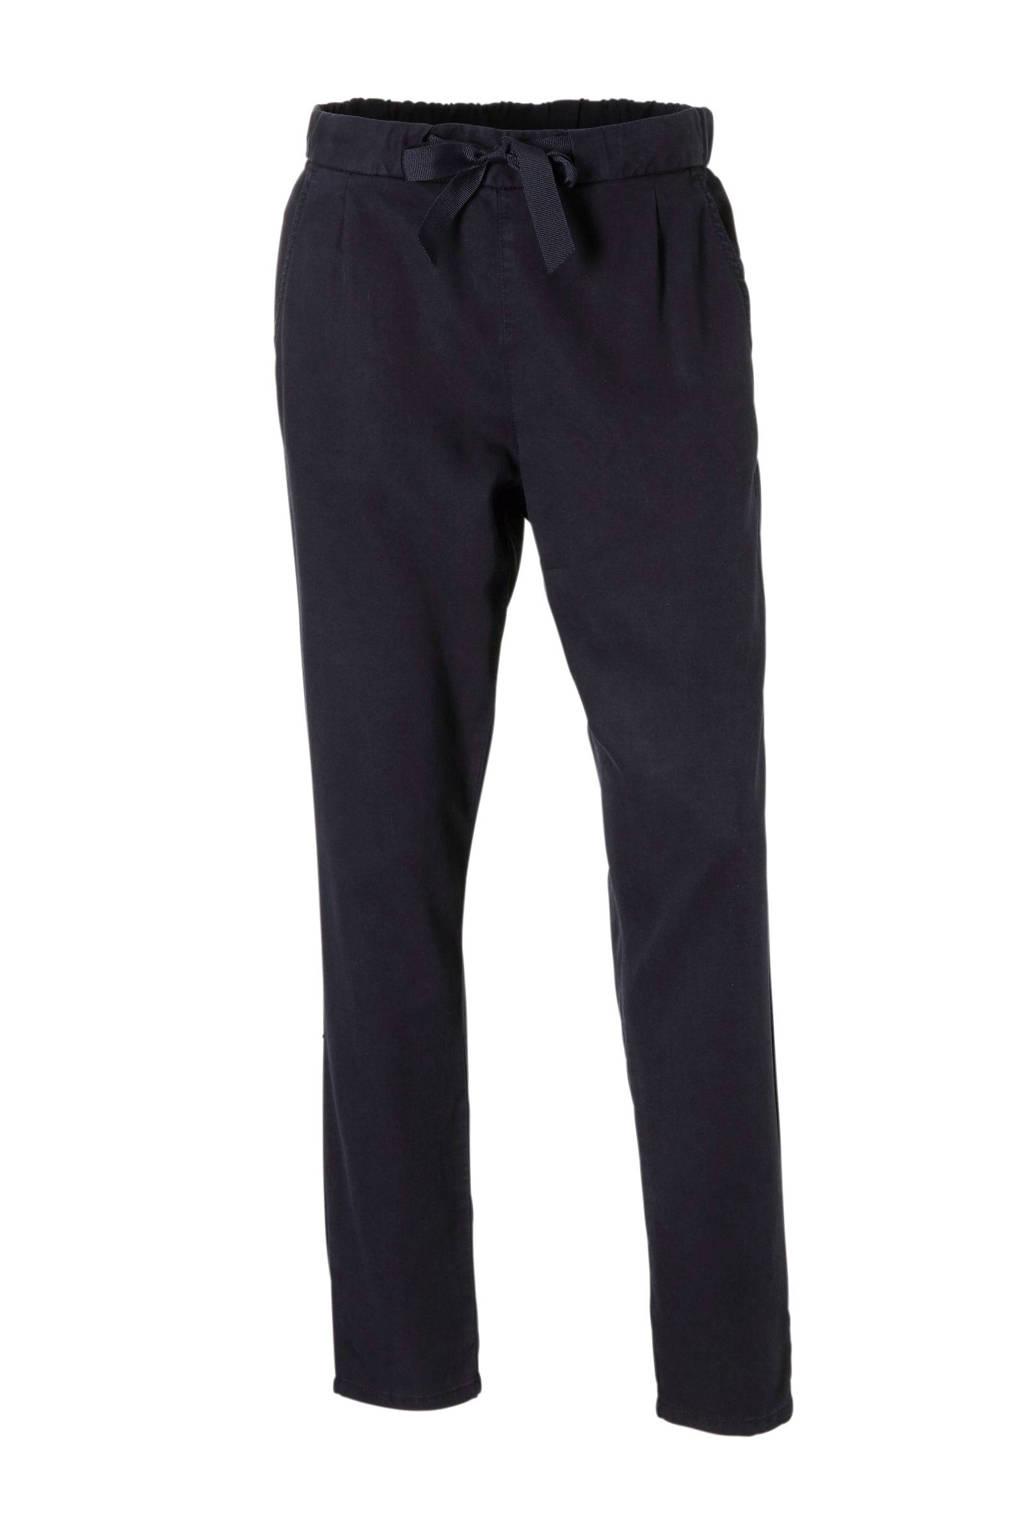 C&A Yessica broek donkerblauw, Donkerblauw